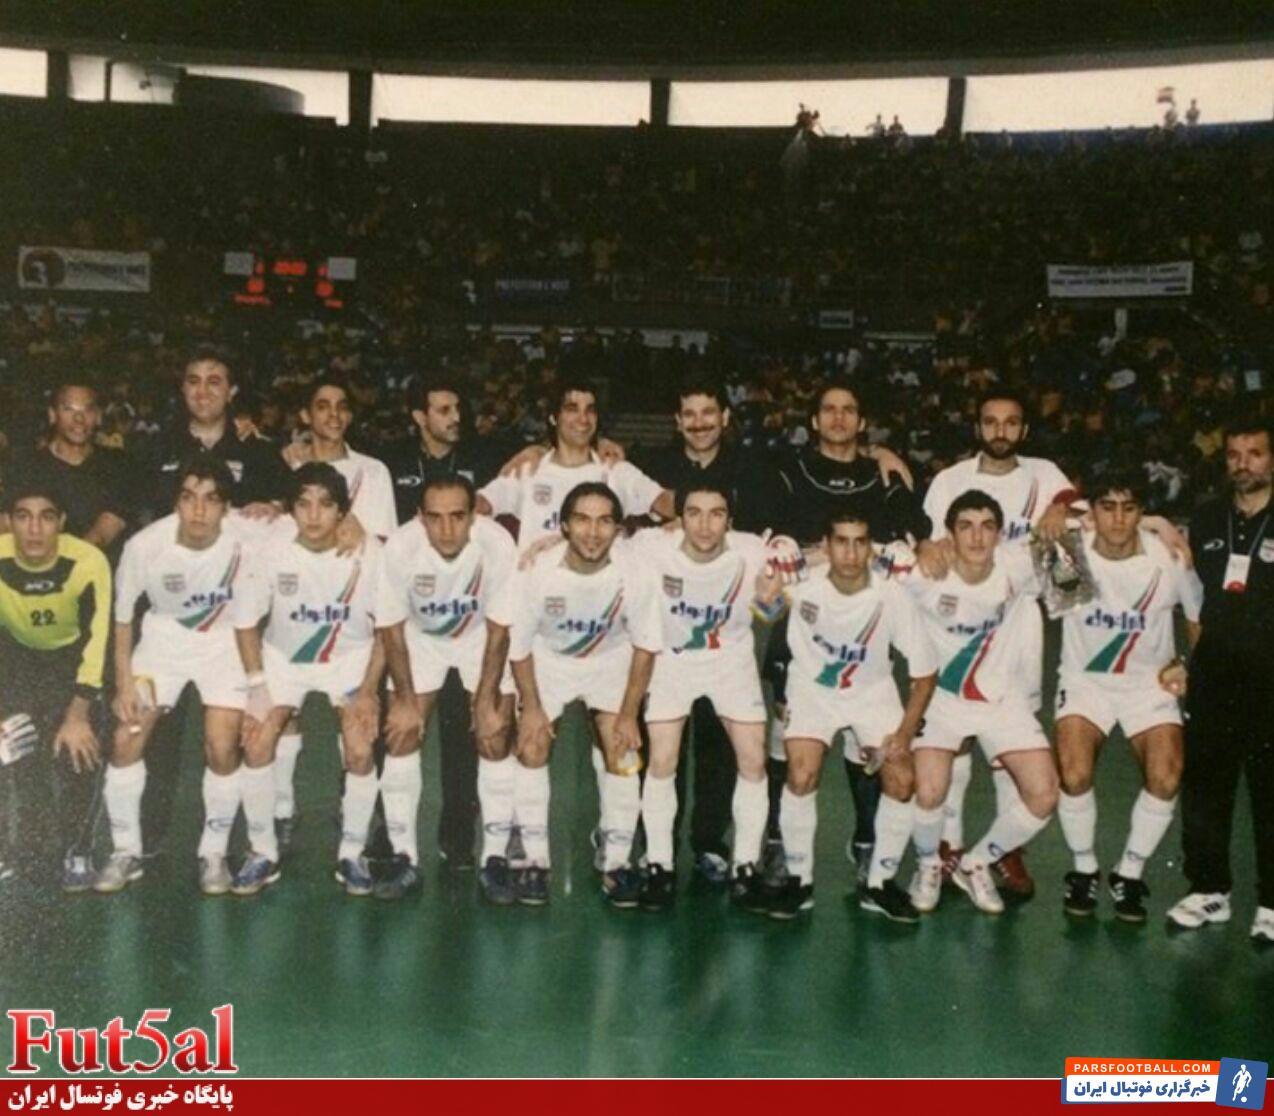 تیم ملی فوتسال ایران (2004)